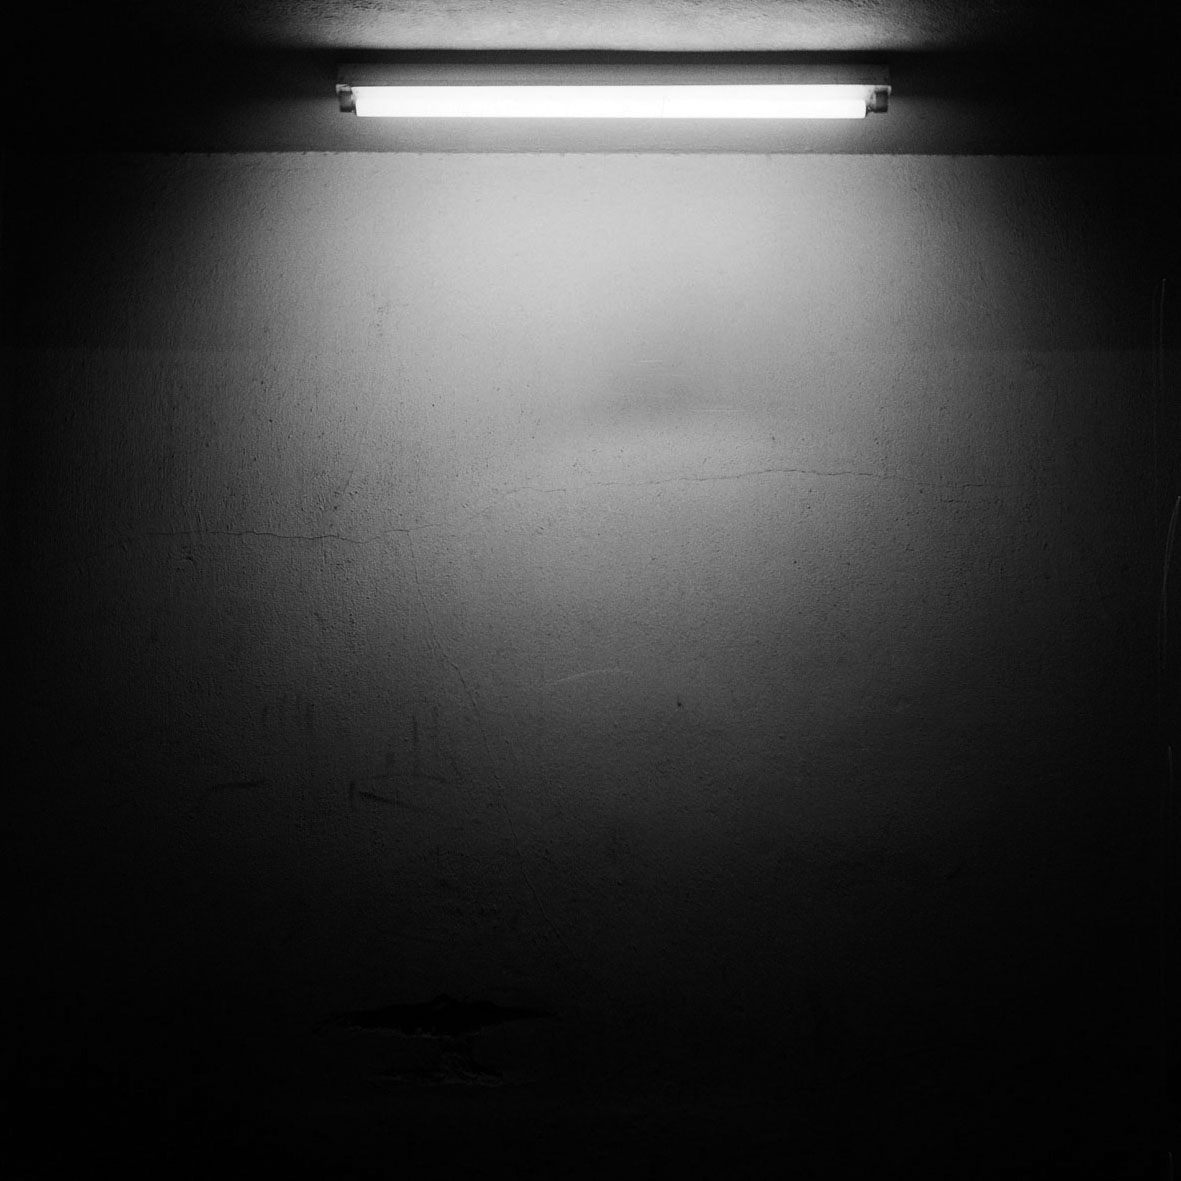 Fluoresencia